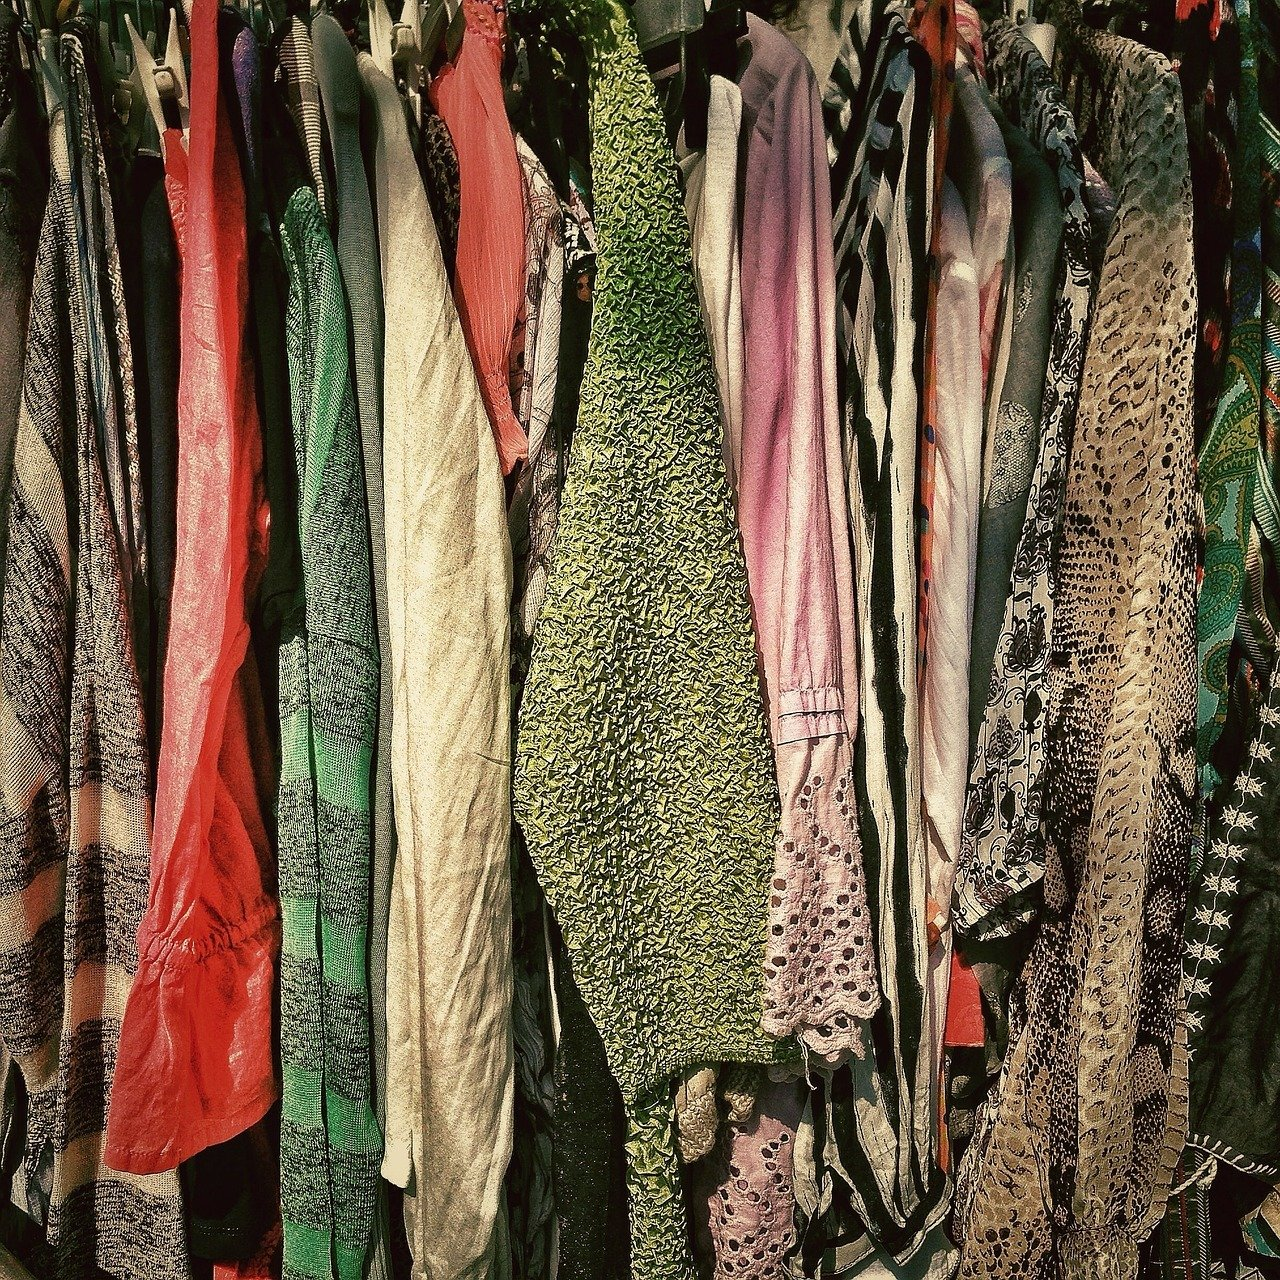 Kleidung gebraucht kaufen ist einfach gut!